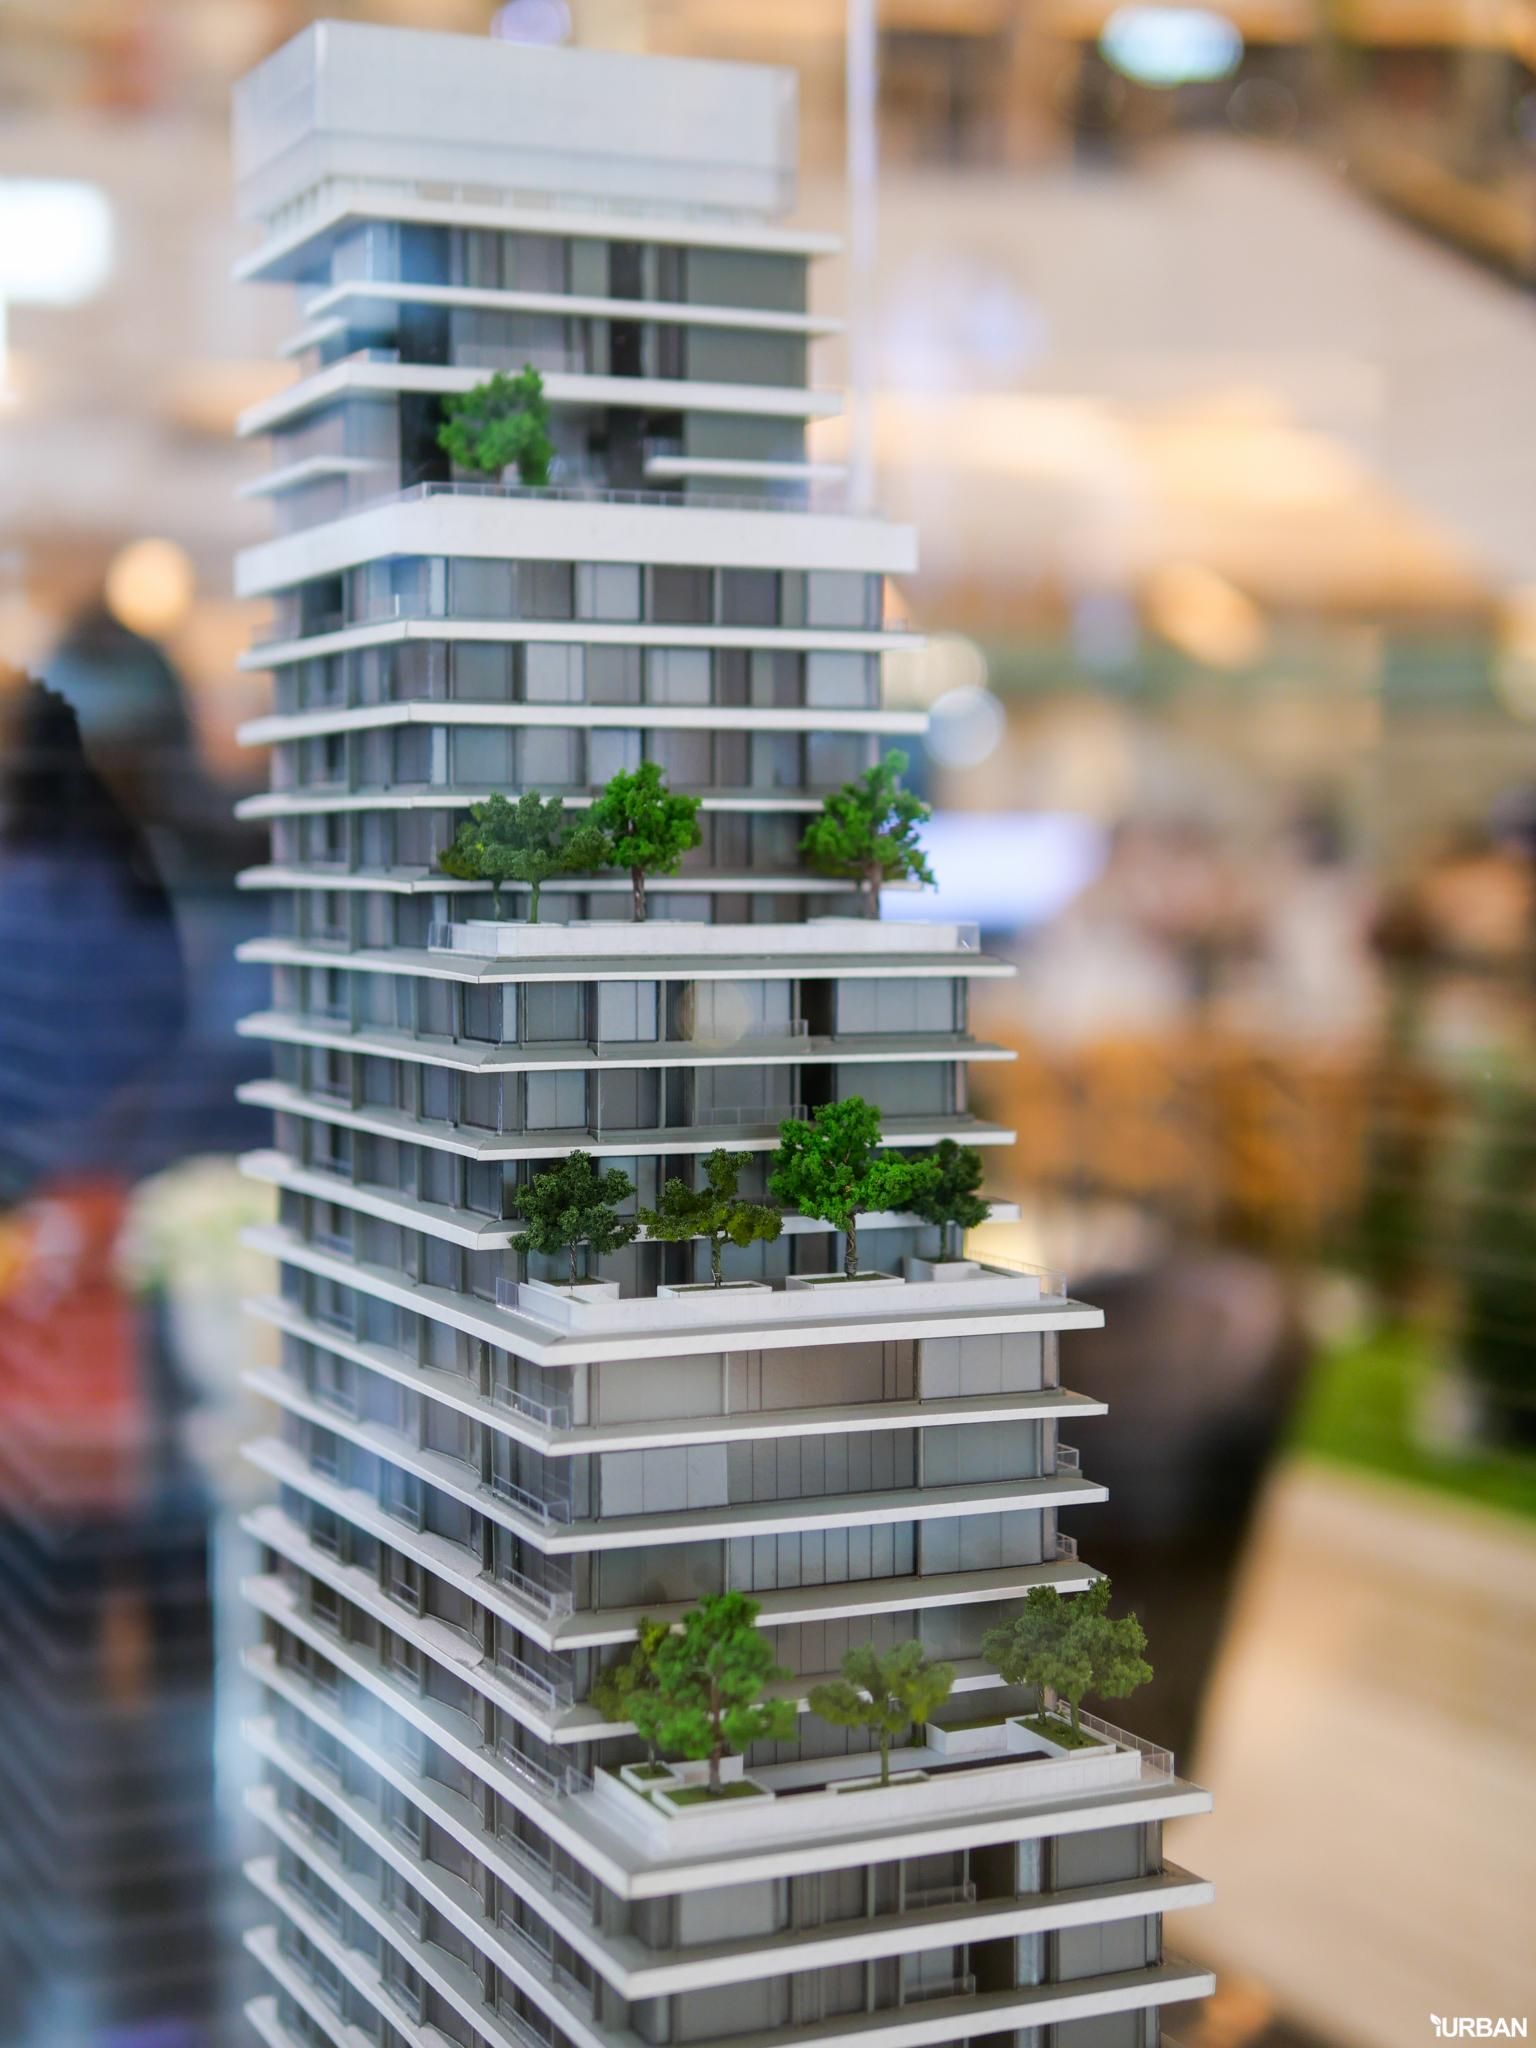 เดินงาน Siam Paragon Luxury Property Showcase 2018 พบที่พักอาศัยระดับมาสเตอร์พีซกว่า 3,900 ยูนิต 45 - Luxury